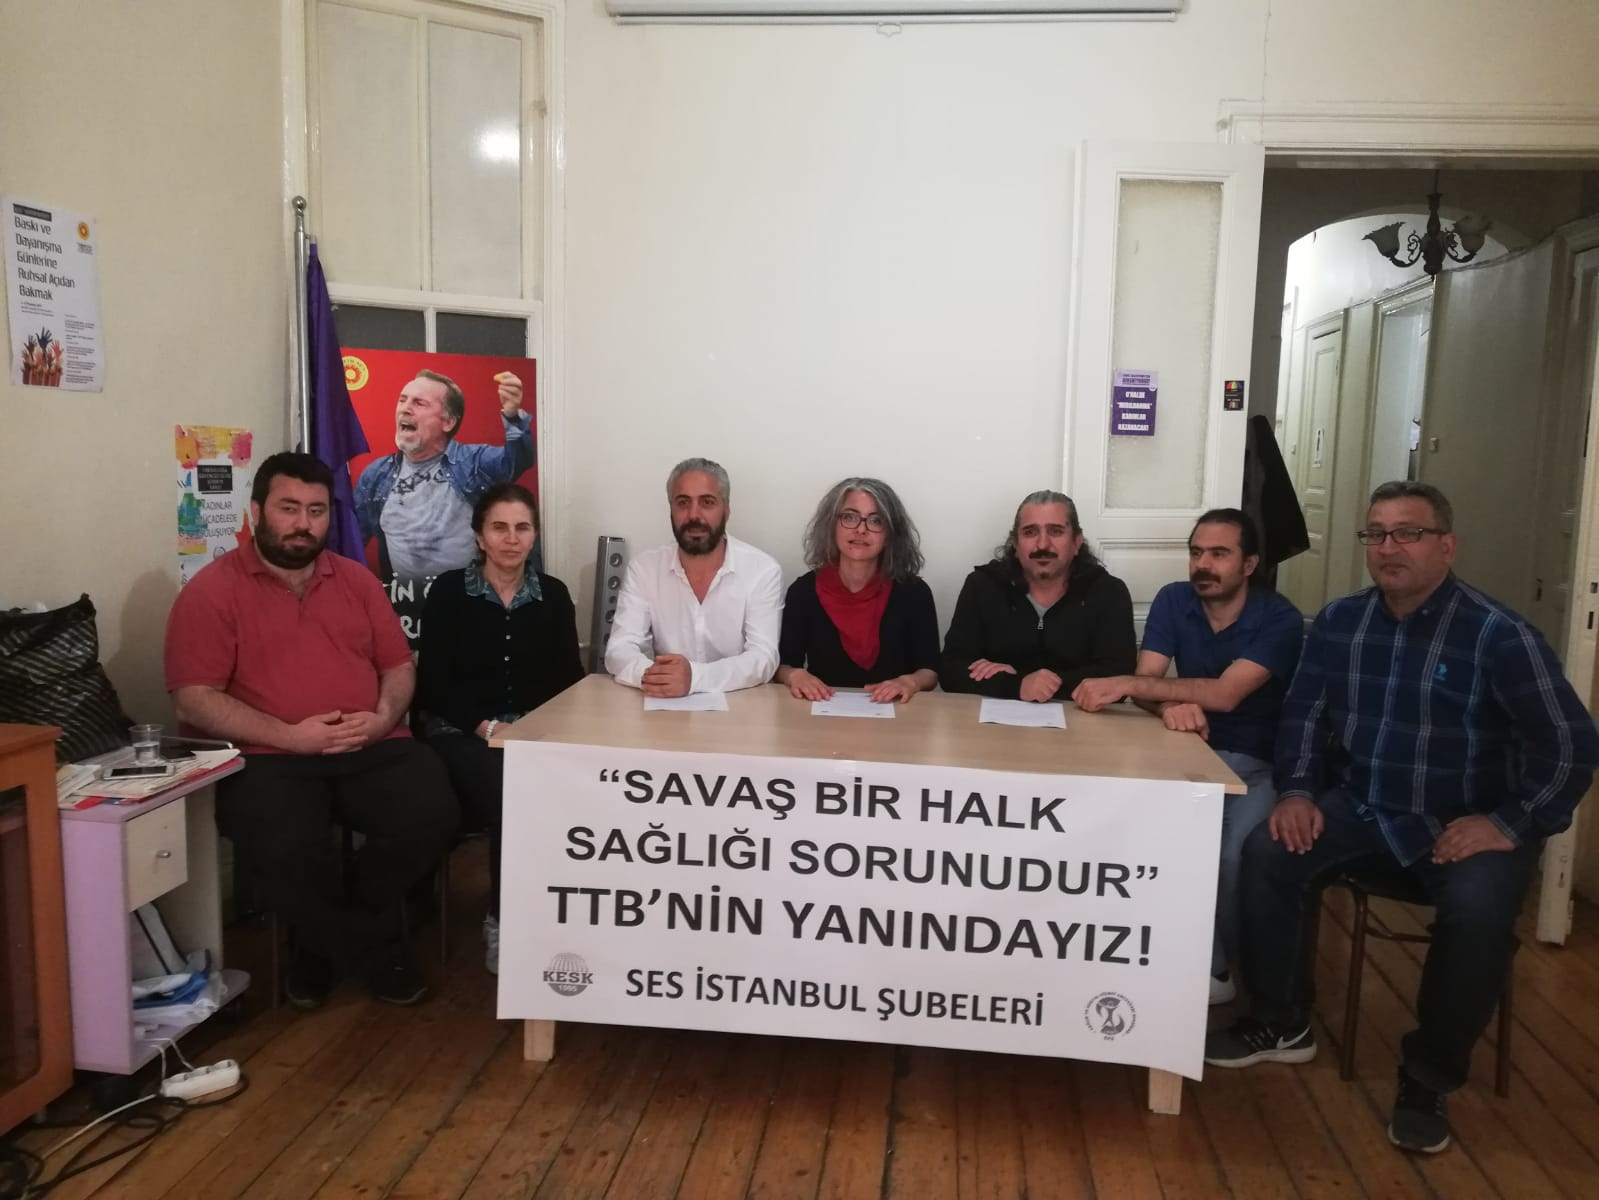 İstanbul Şubelerimiz: TTB Merkez Konseyi Üyelerinin Yanındayız! Savaş Bir Halk Sağlığı Sorunudur!